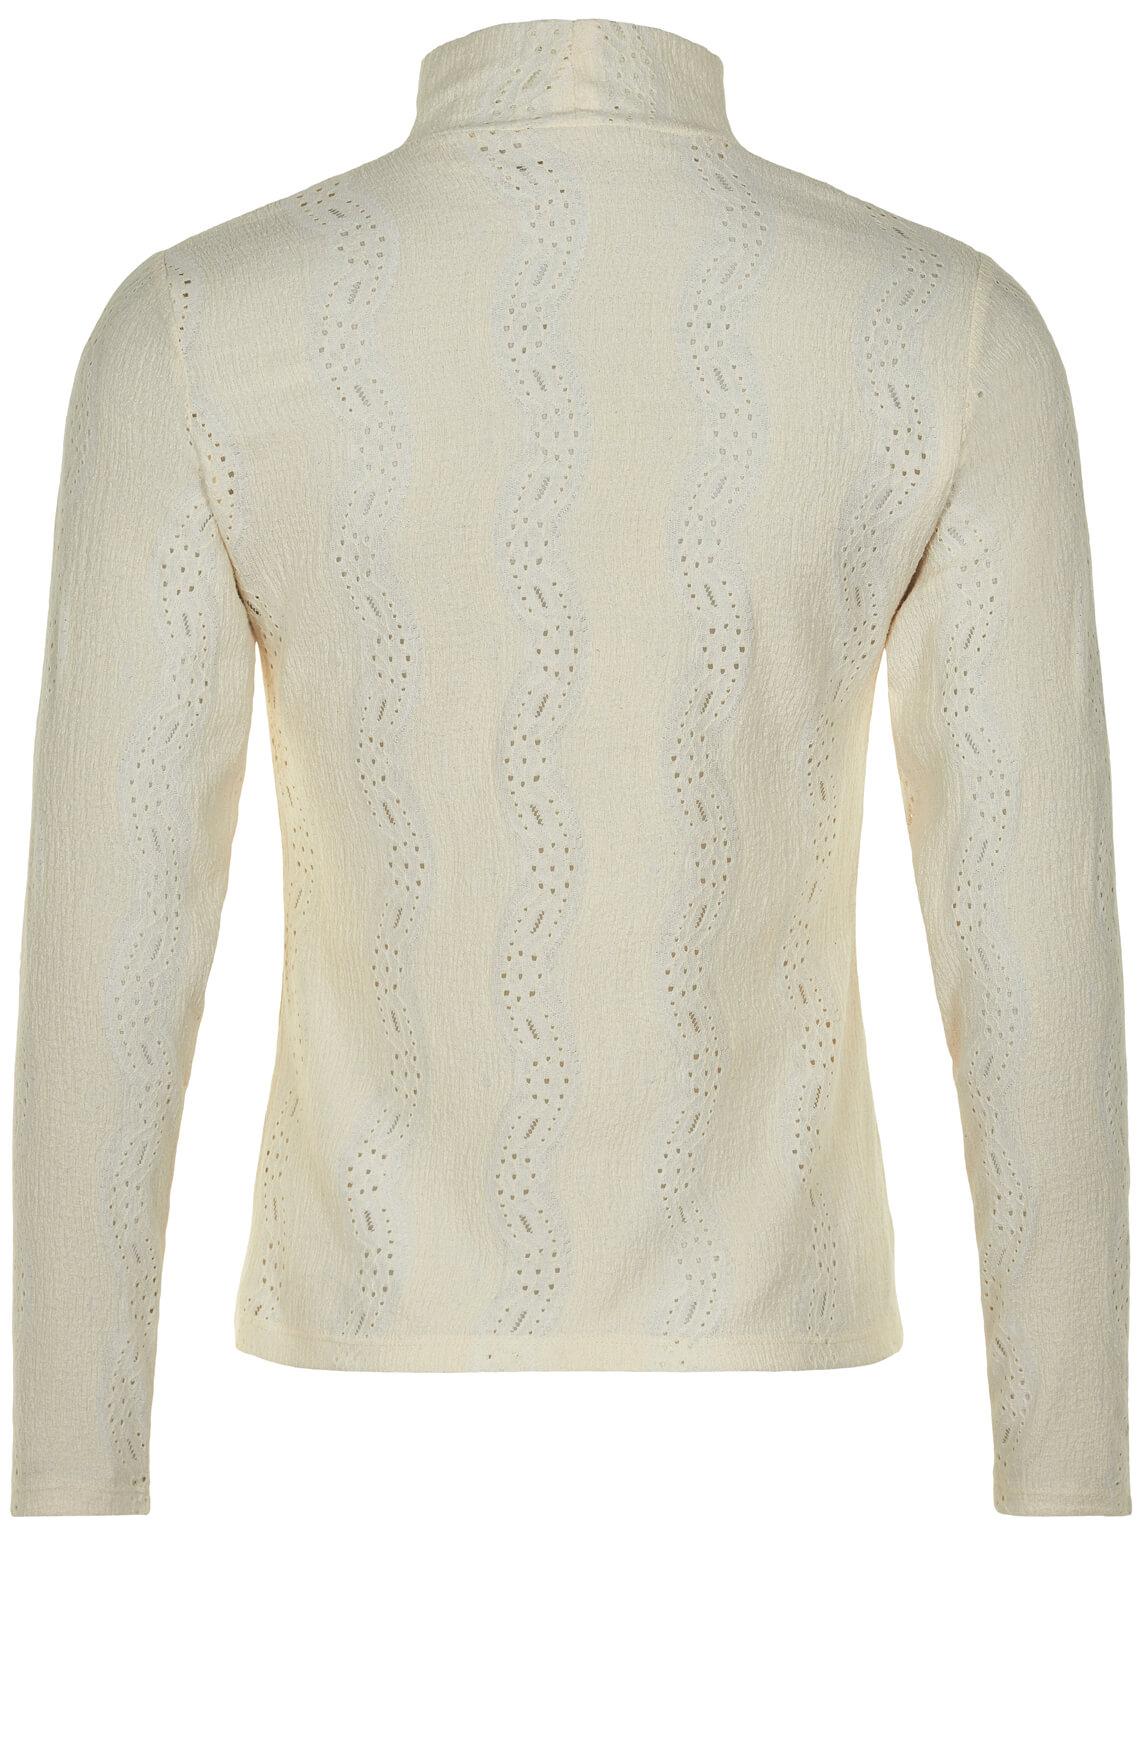 Numph Dames Briana blouse Ecru